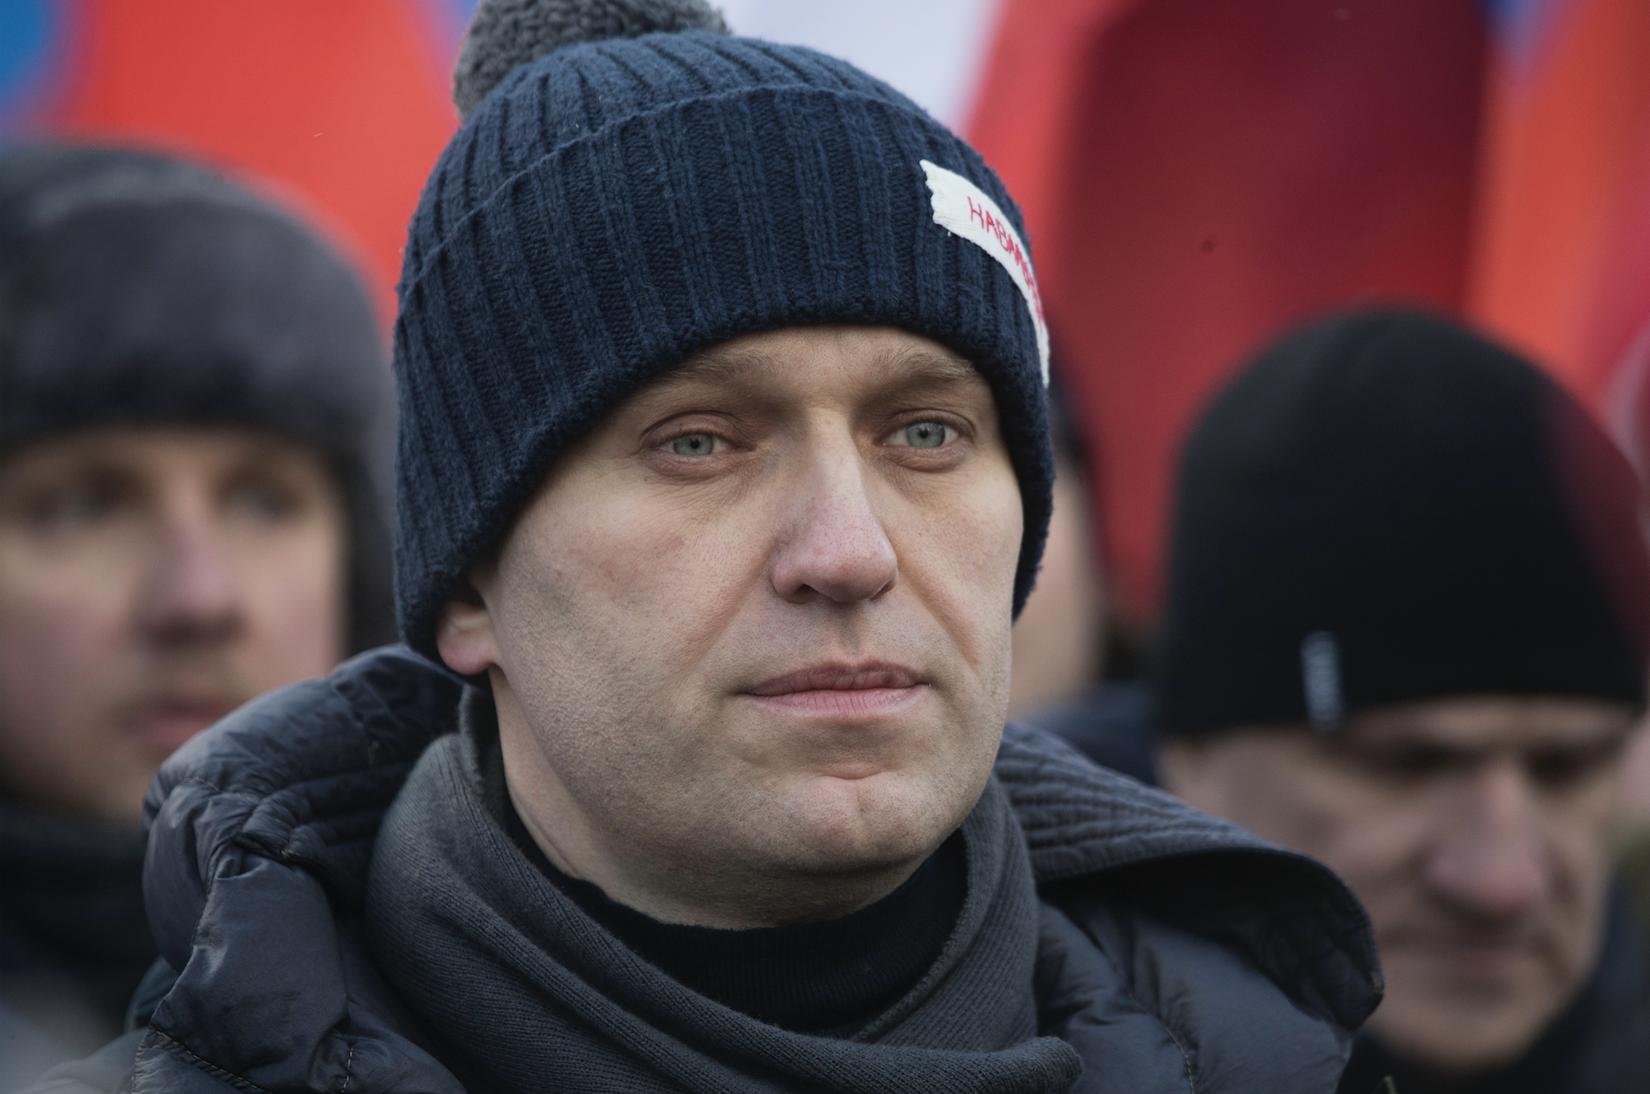 Во ФСИН напомнили о несоблюдении Навальным правил условного осуждения до комы и после выхода из неё